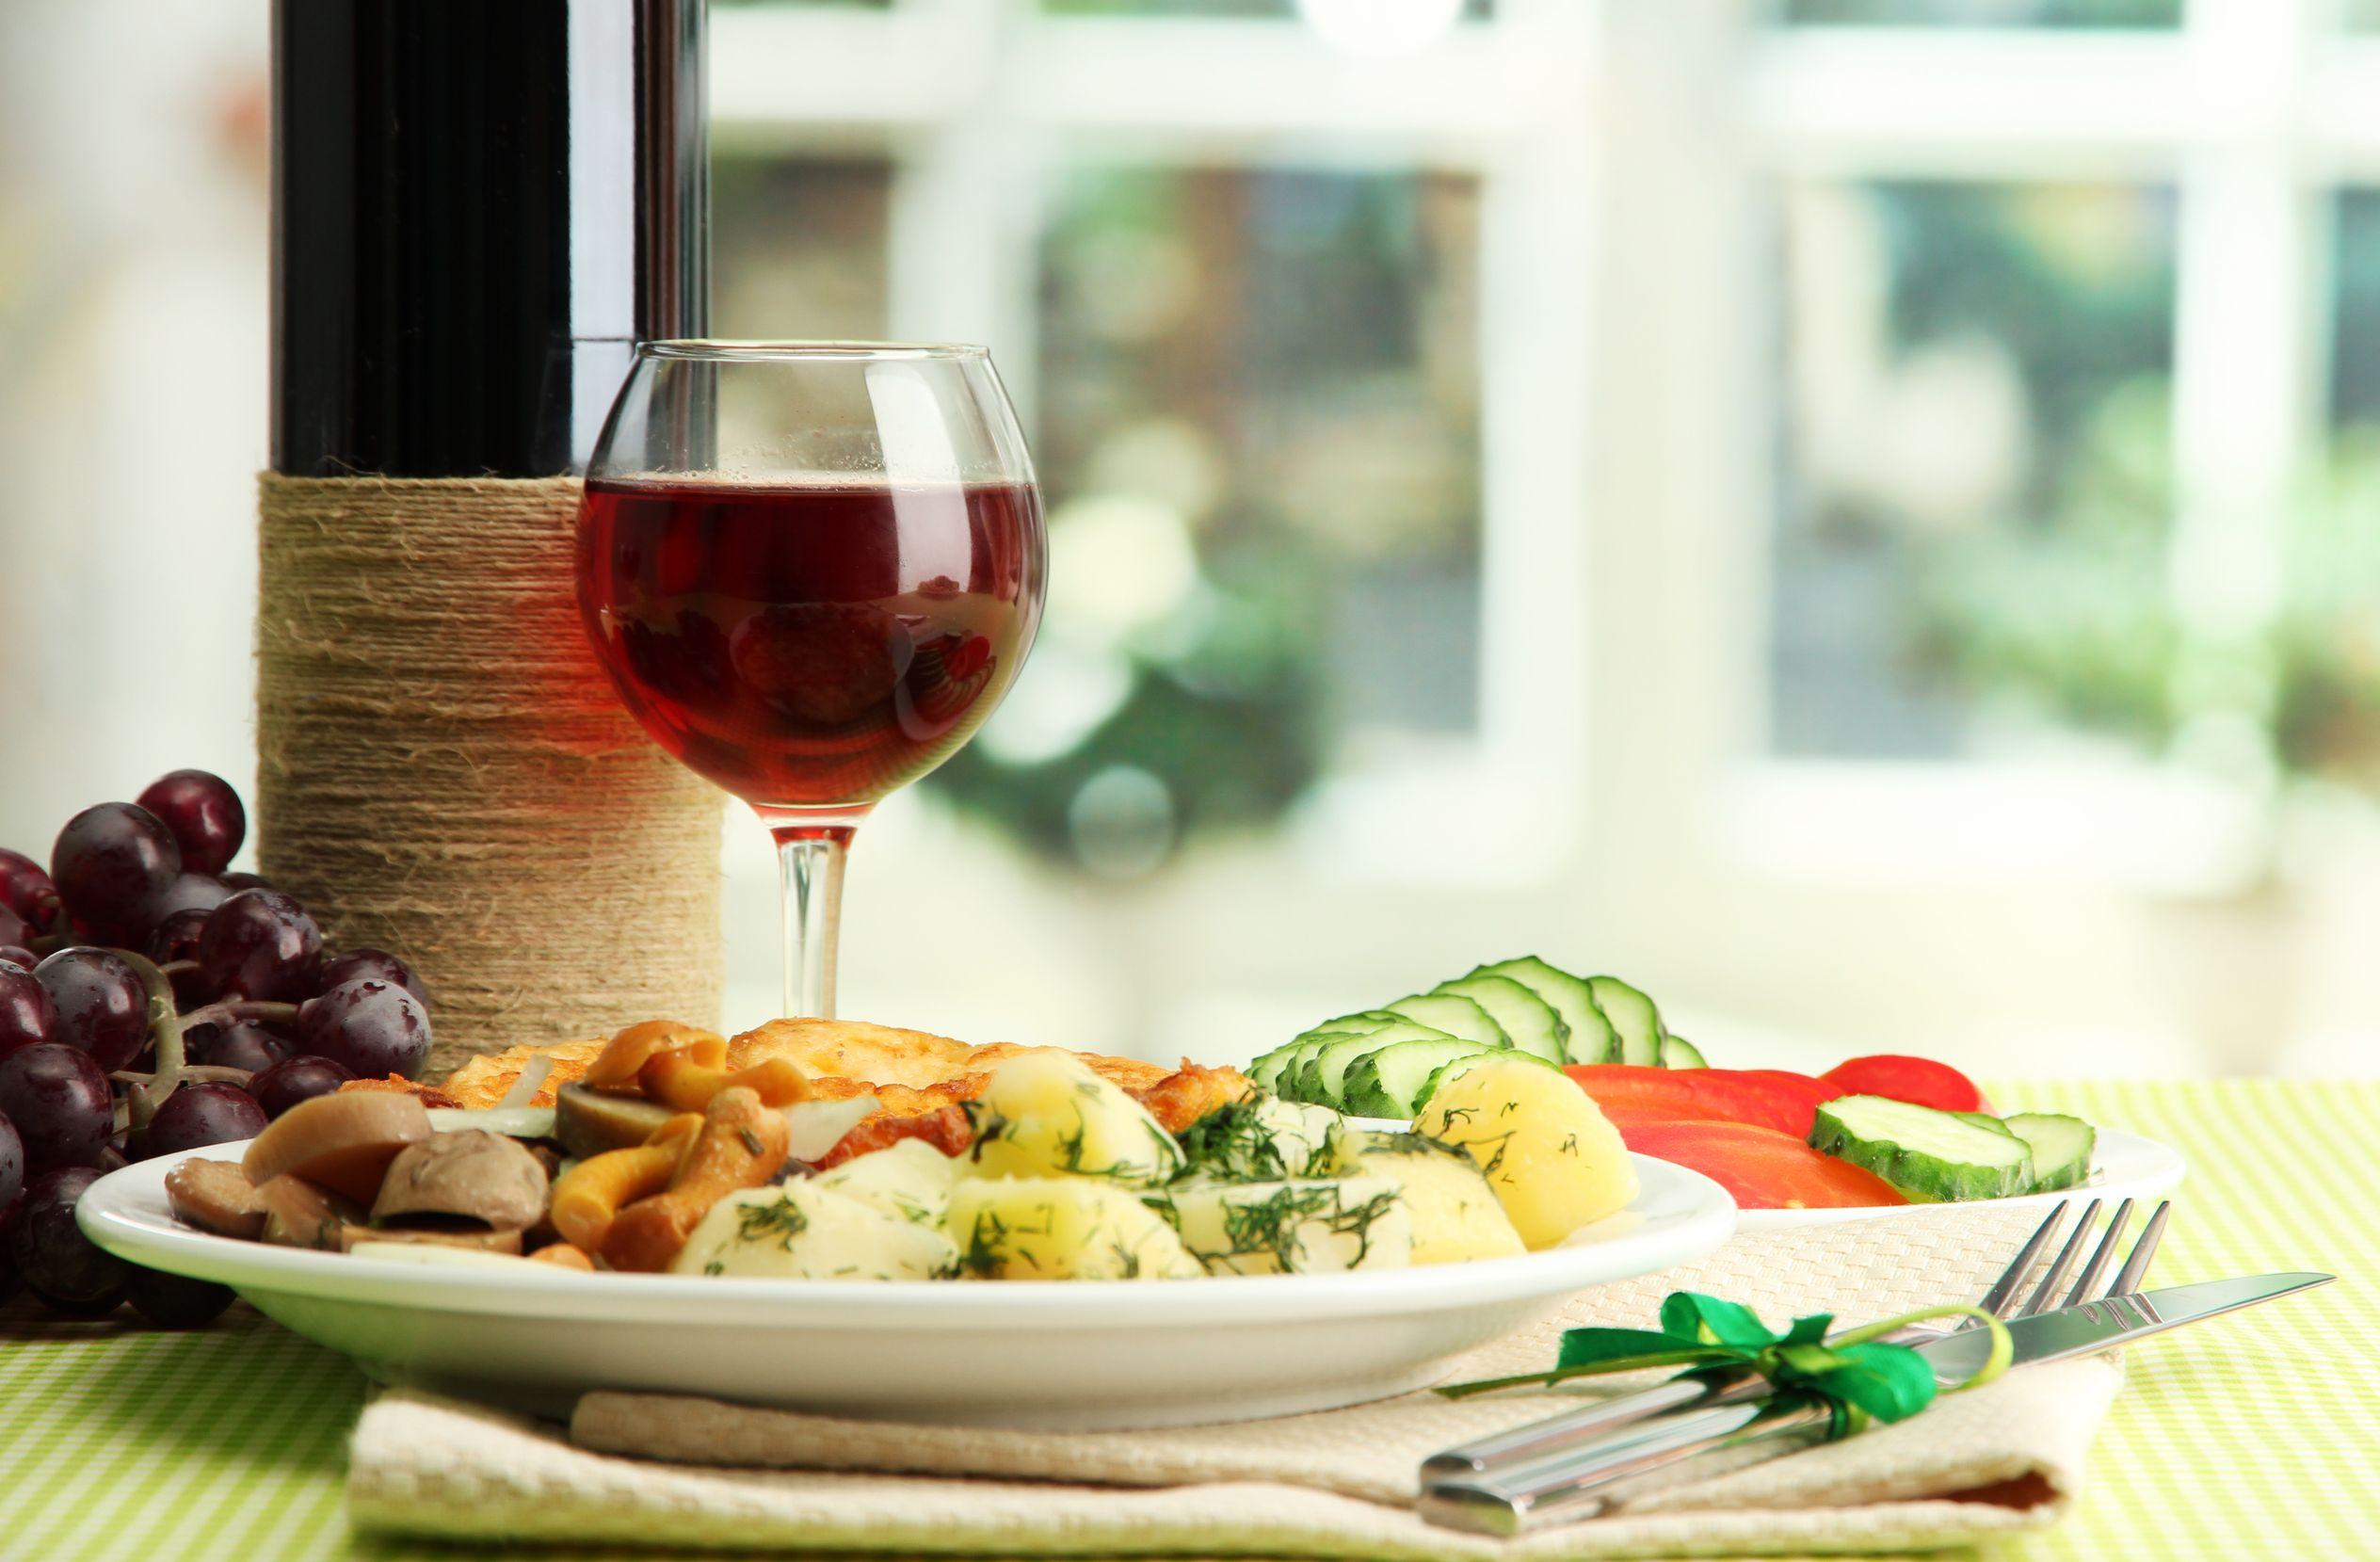 australia wine and food 123rf